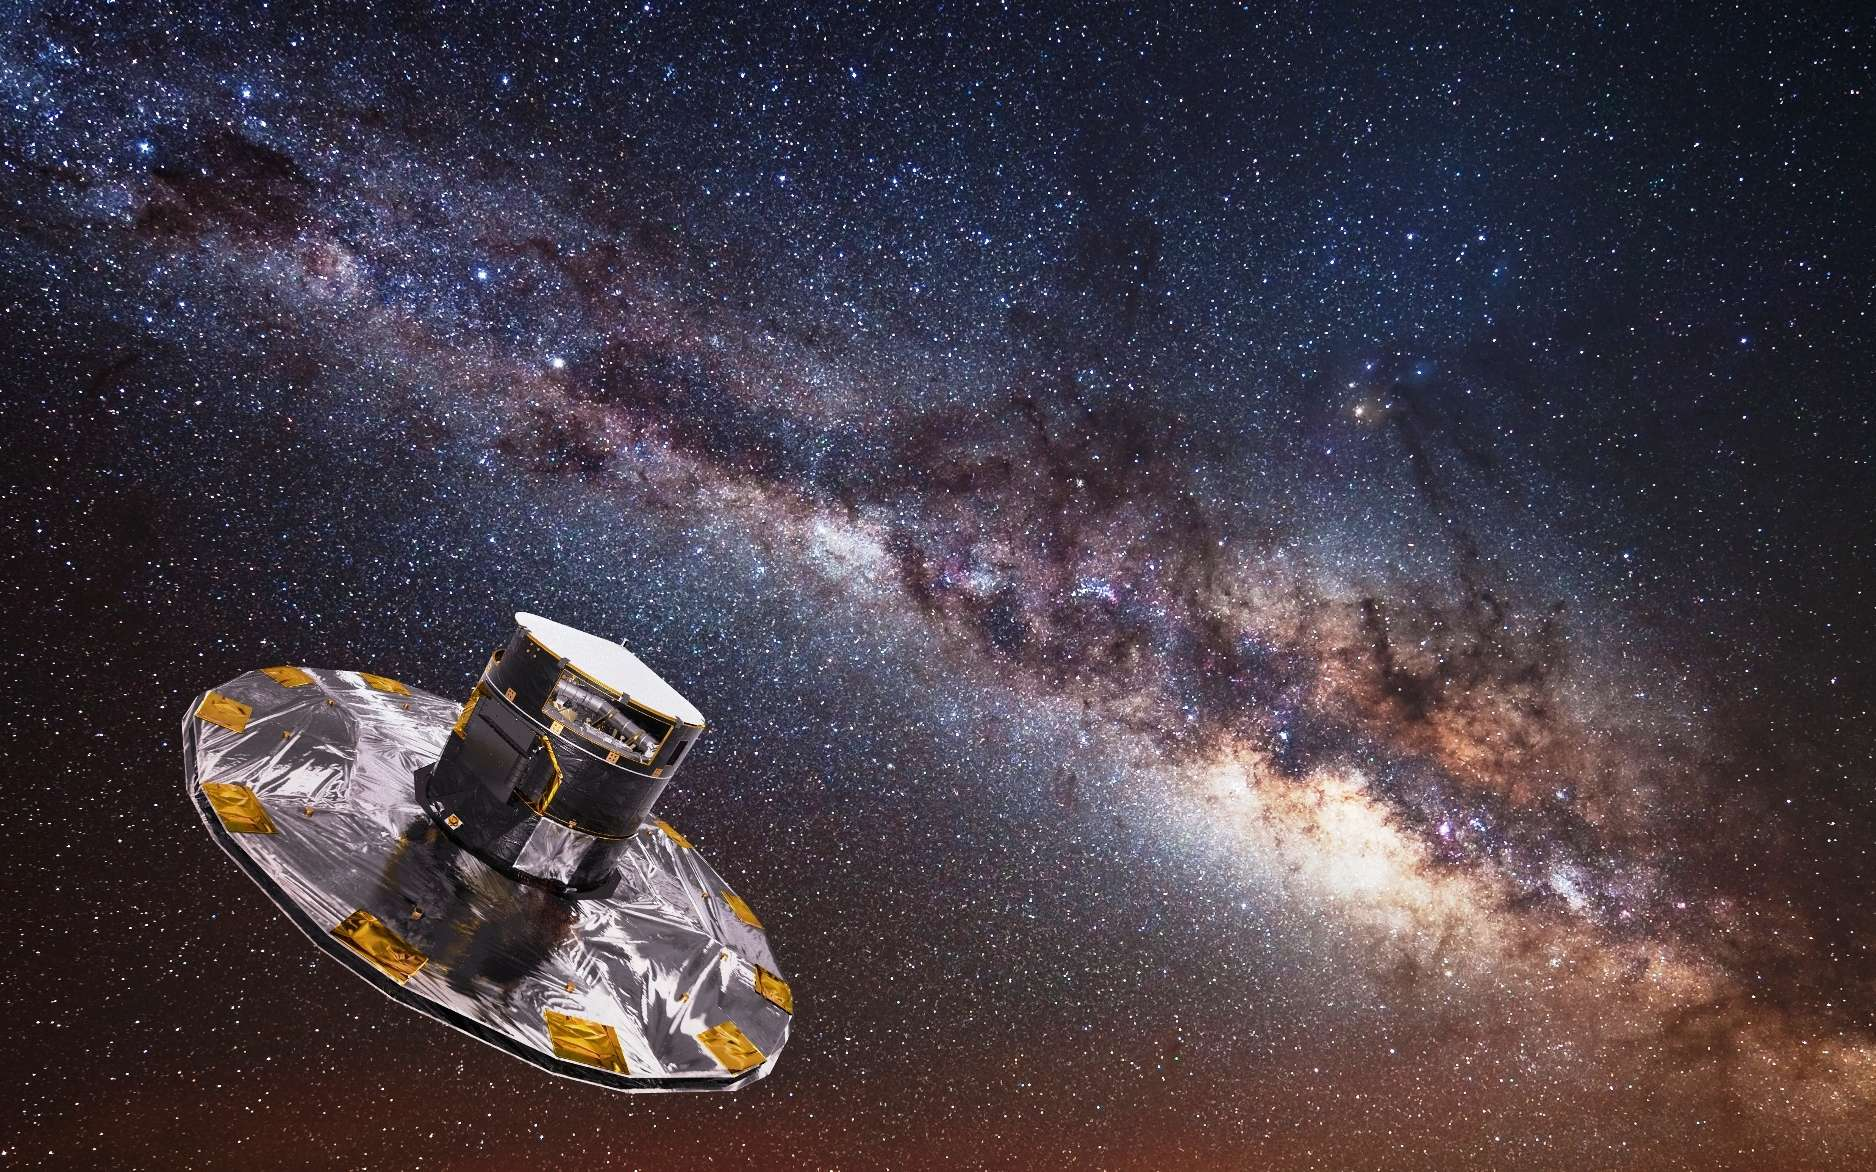 Une vue d'artiste du satellite Gaia étudiant la Voie lactée. © Esa